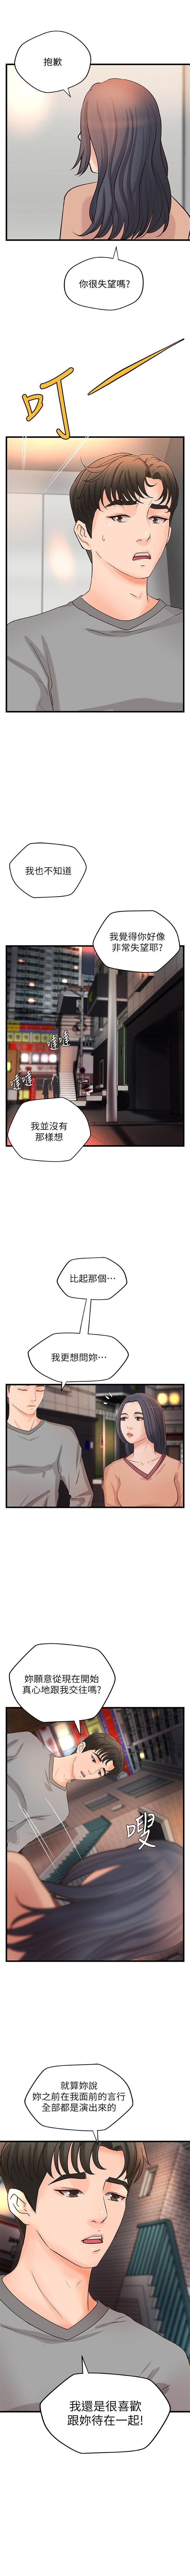 御姐的實戰教學 1-24 官方中文(連載中) 139